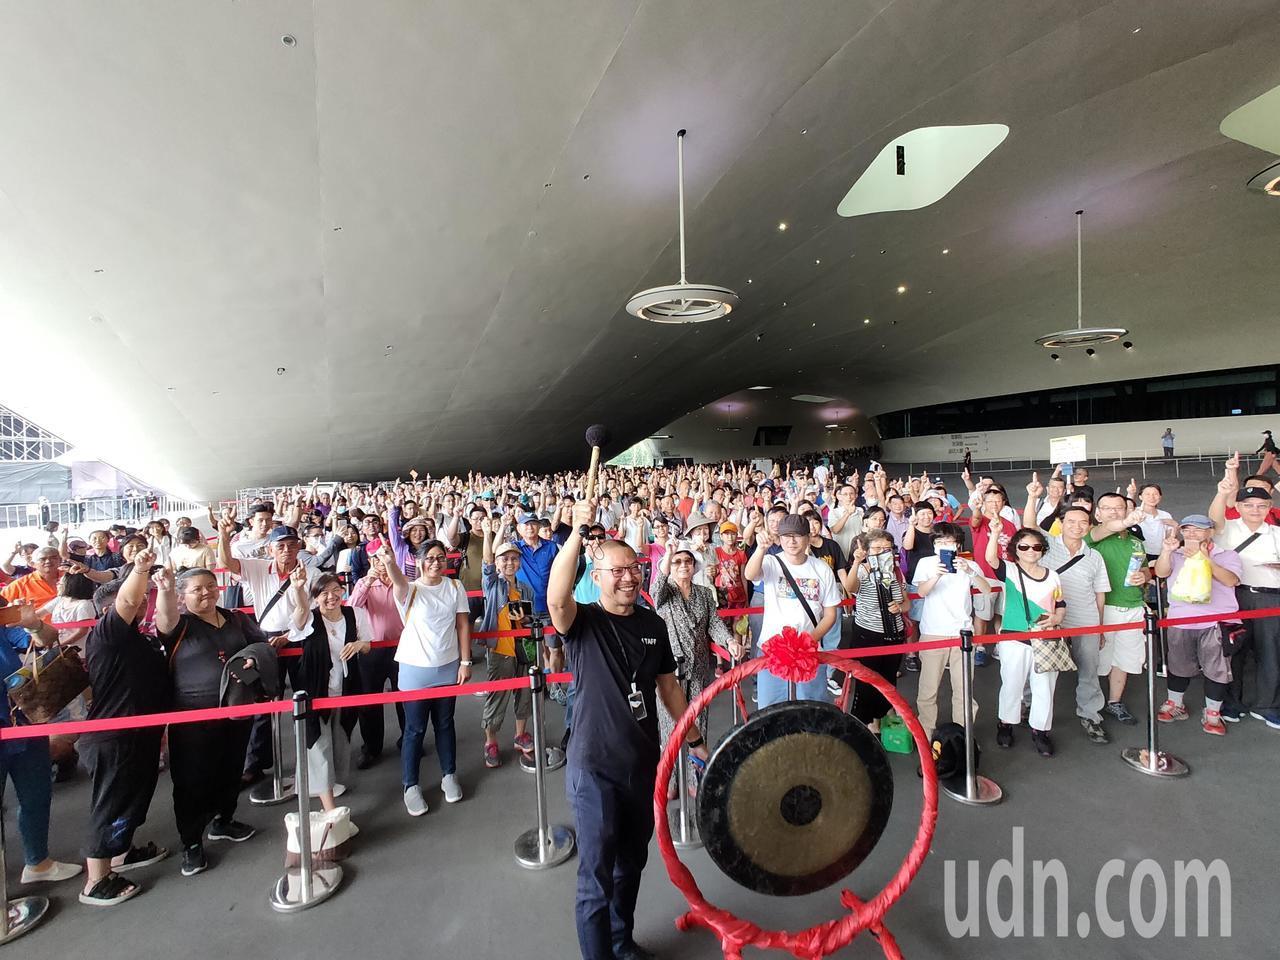 迎接1013開幕周年 衛武營國慶索票大放送 千人湧入排隊